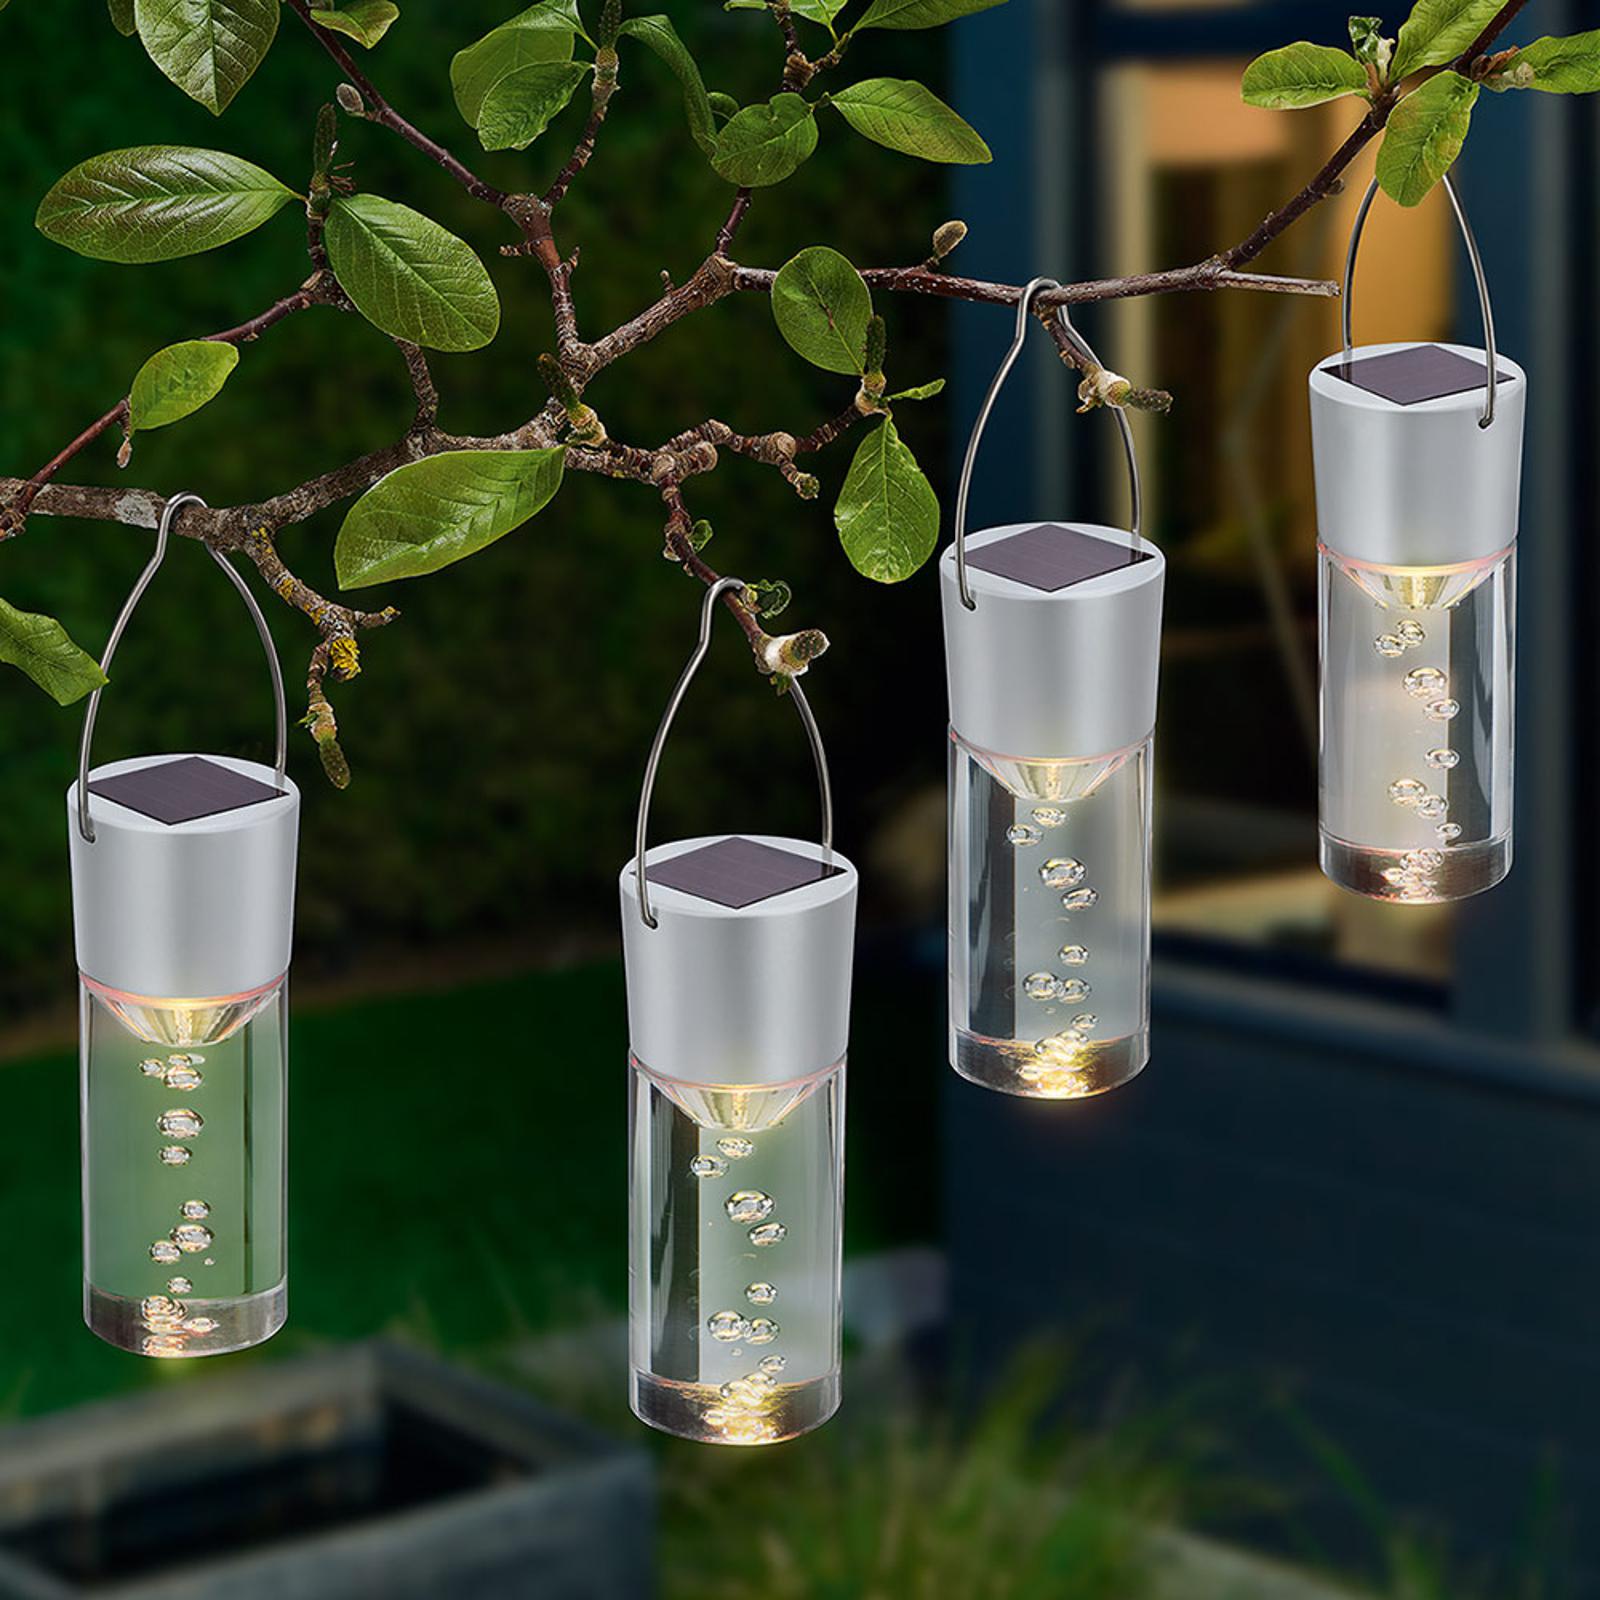 Zestaw oświetlenia dekoracyjnego Smart Sticks